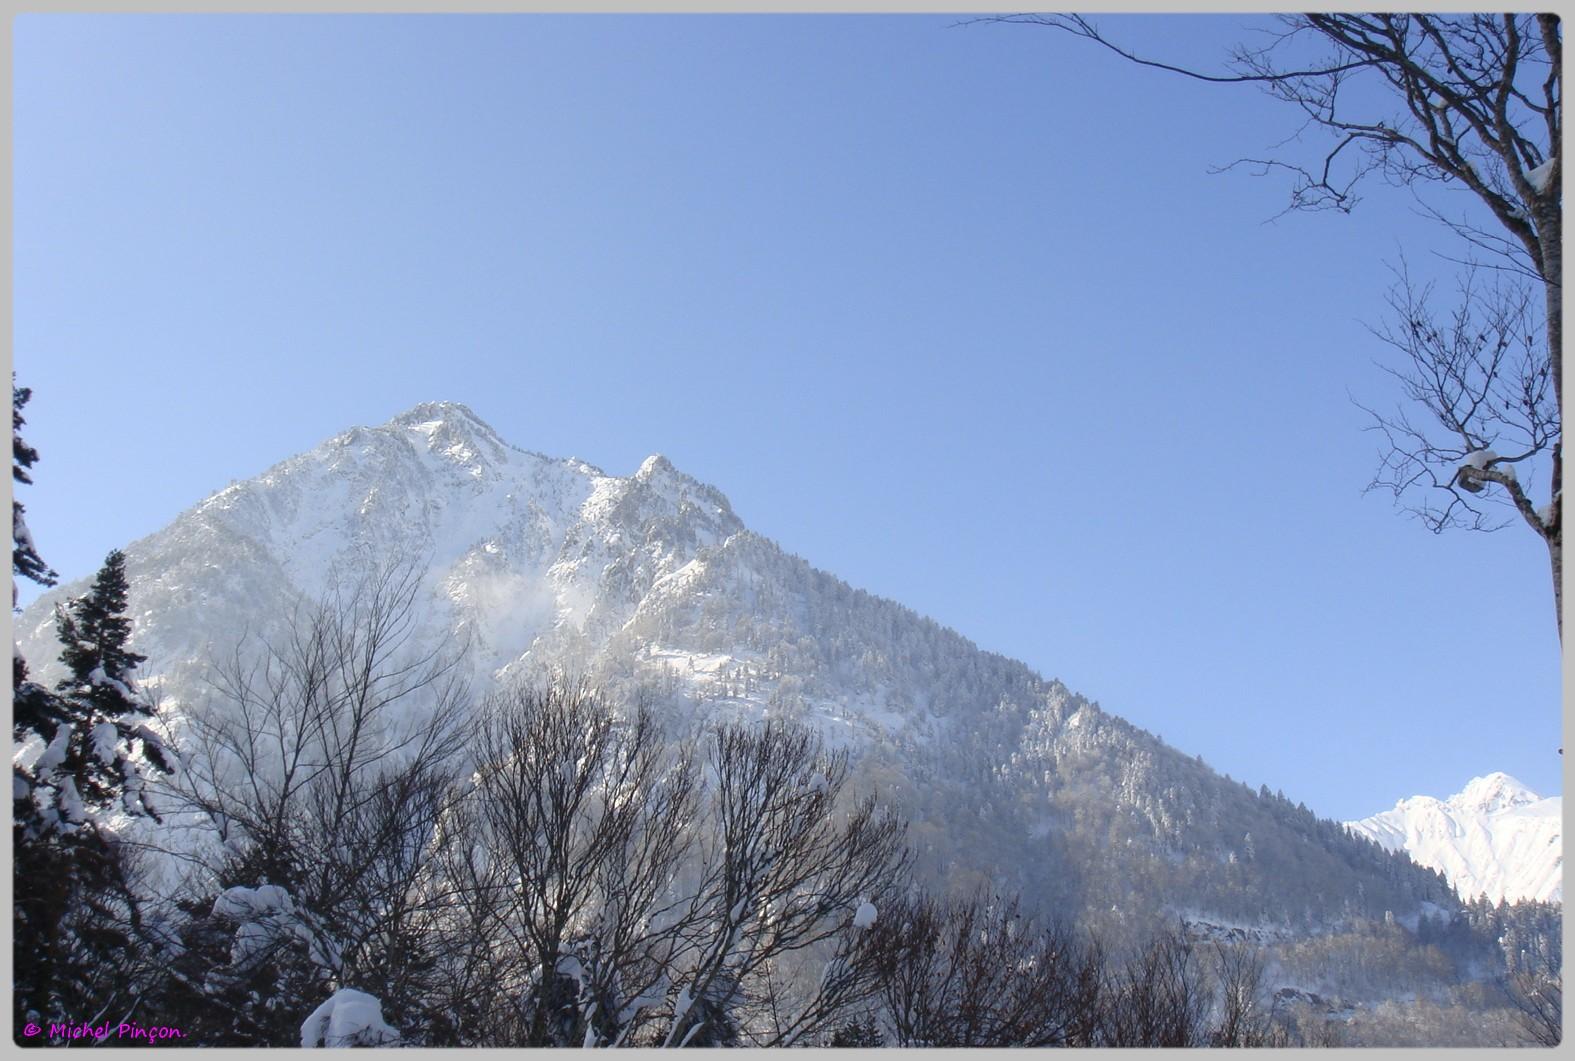 Une semaine à la Neige dans les Htes Pyrénées - Page 2 565689DSC012044